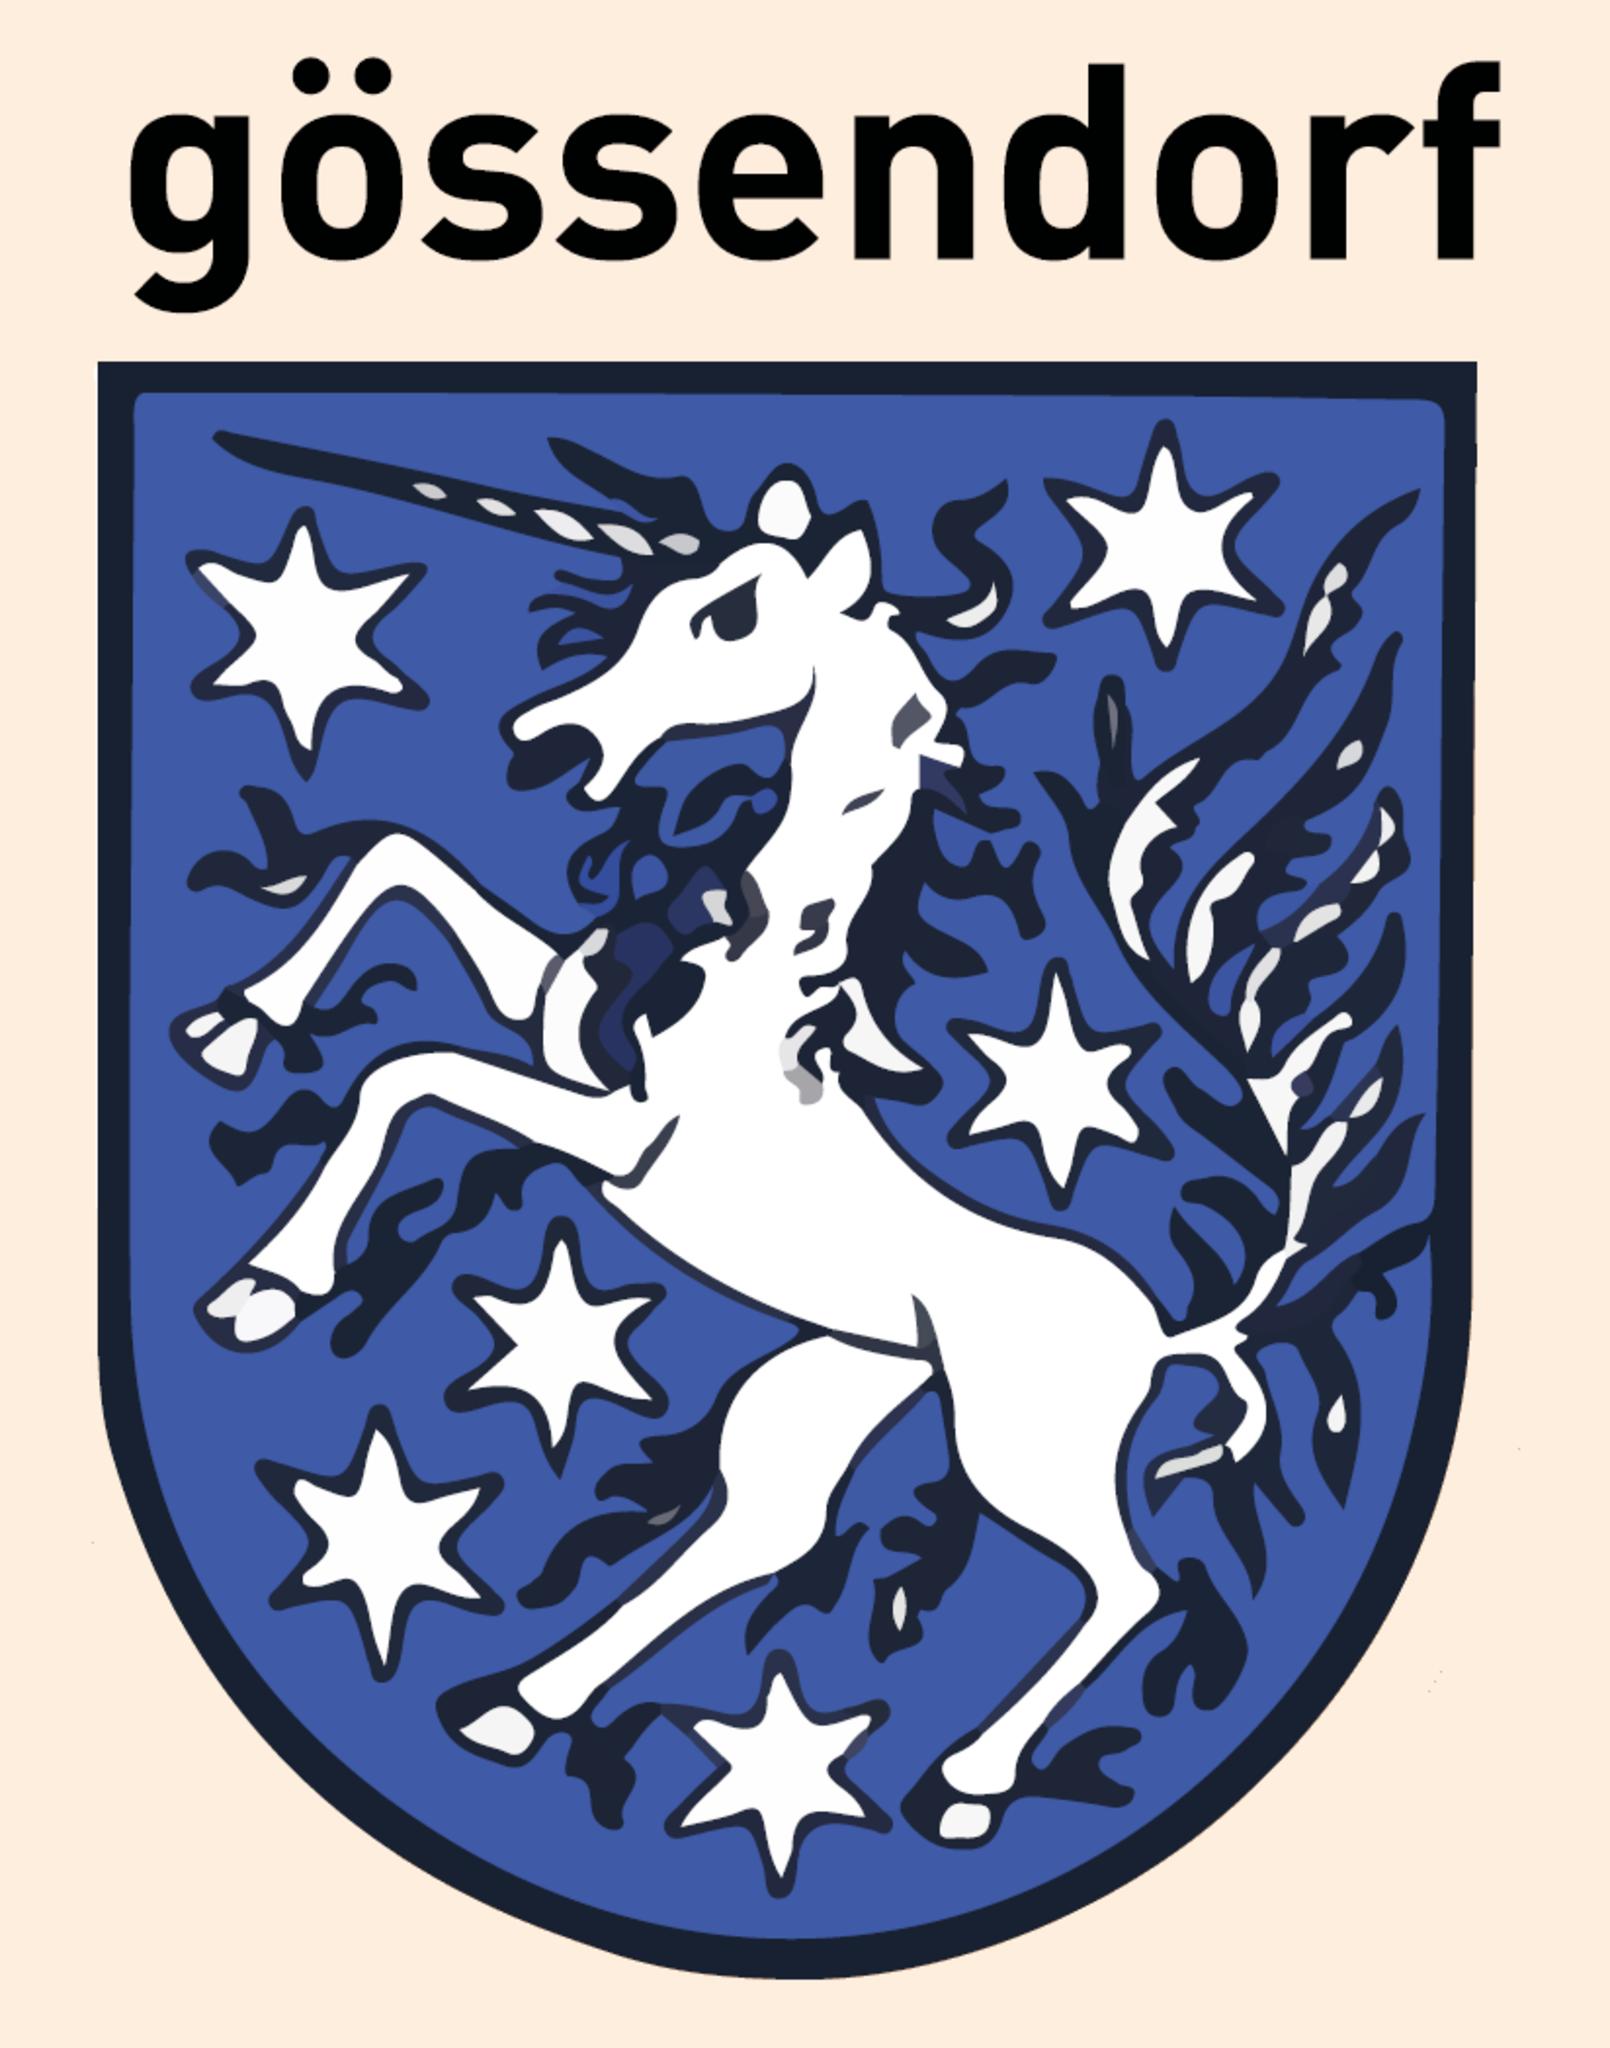 IVI Musikkurse - Marktgemeinde Gssendorf